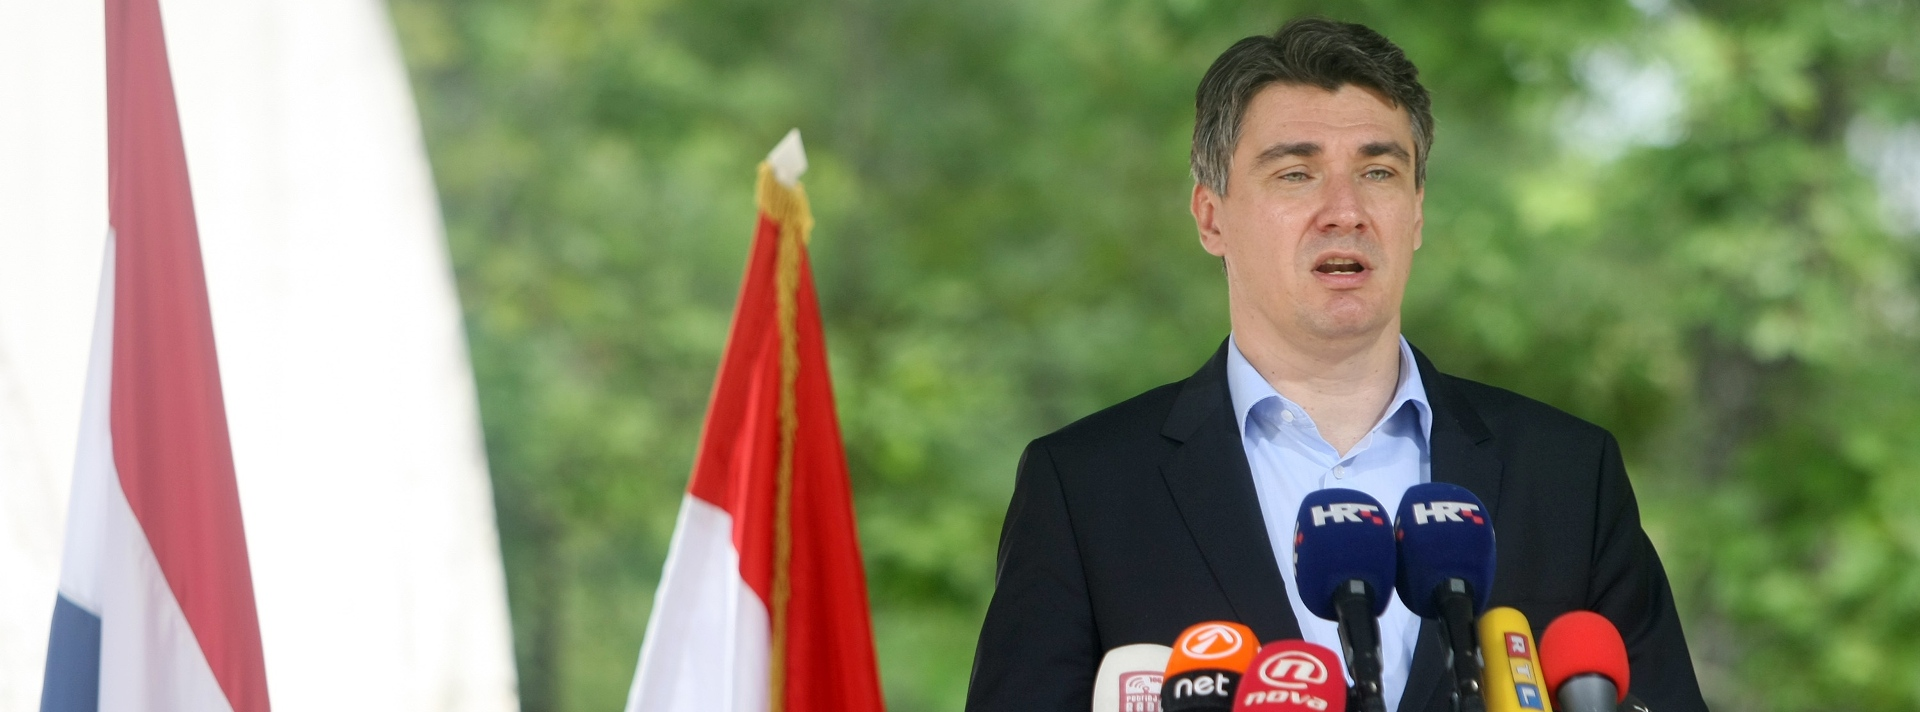 MILANOVIĆ U BREZOVICI: Hrvati su ubijek bili na pravoj strani – na strani dobra